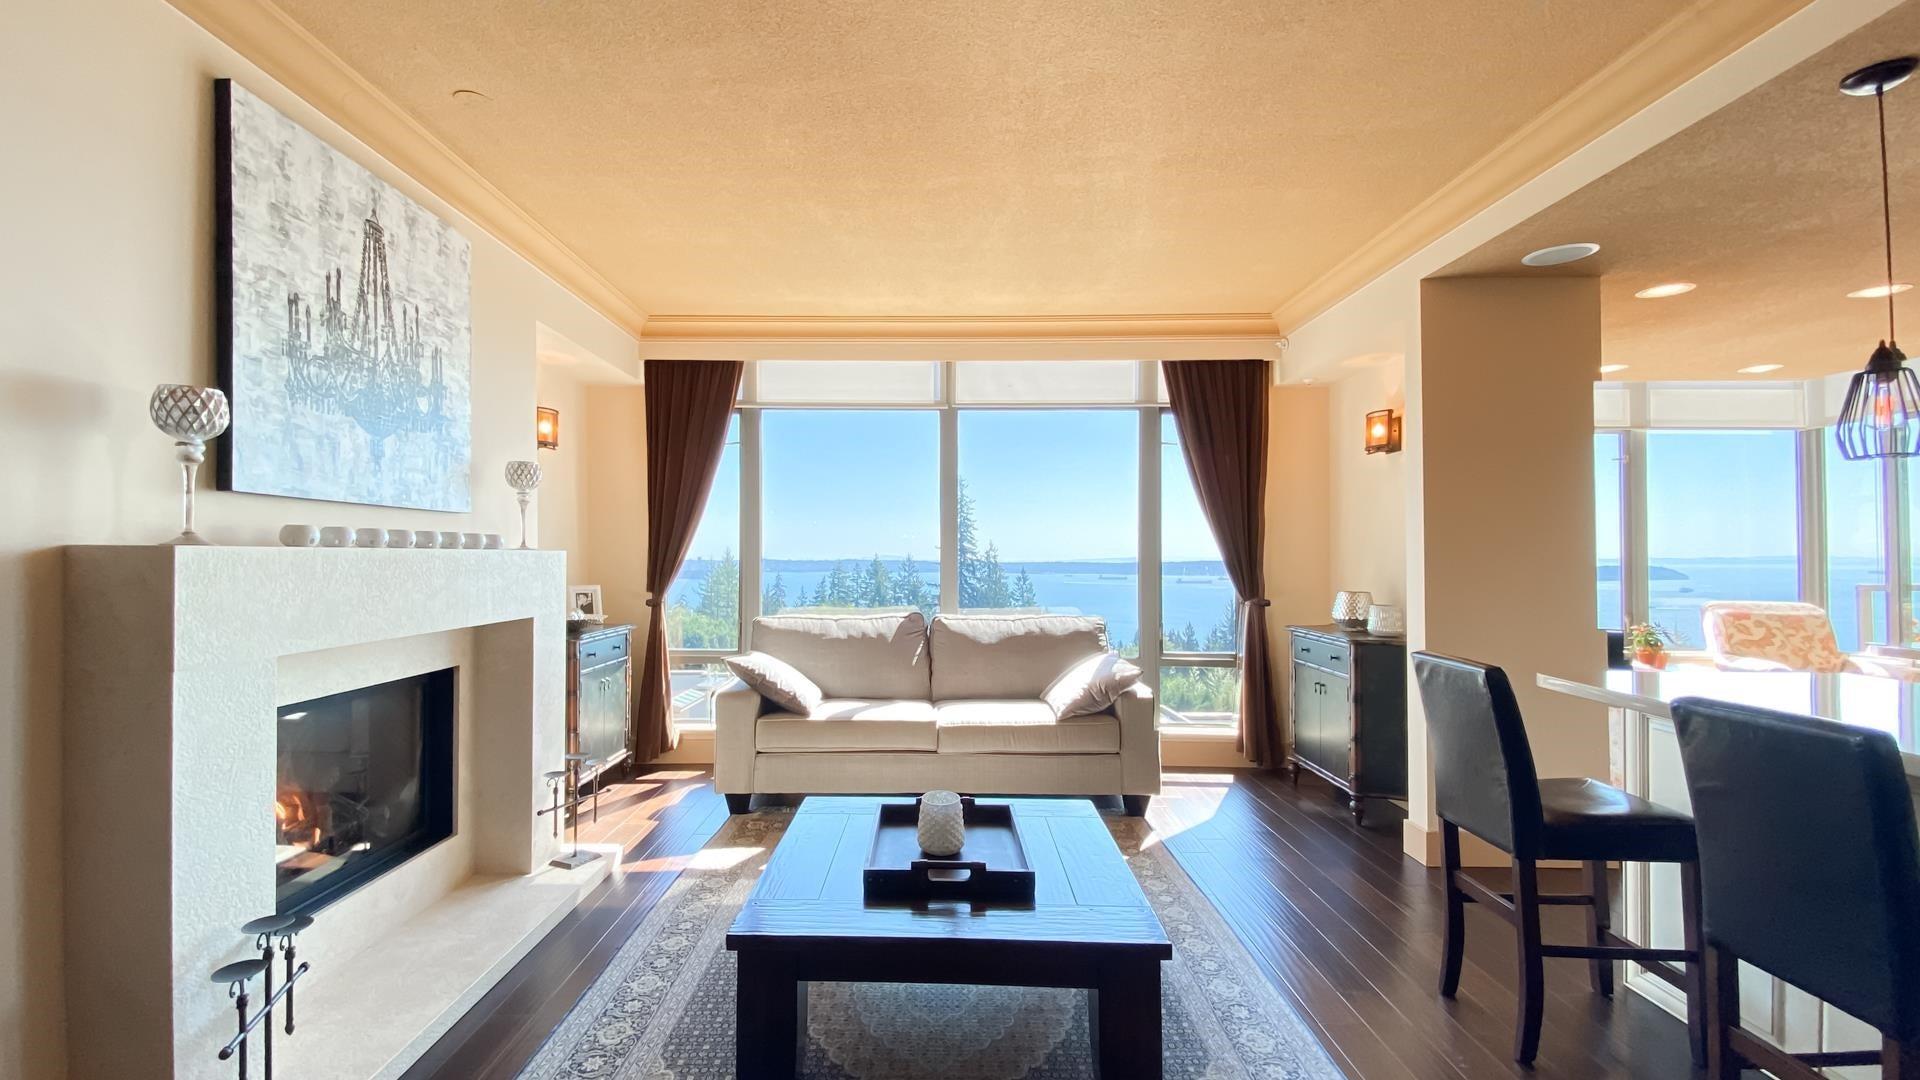 301 3131 DEER RIDGE DRIVE - Deer Ridge WV Apartment/Condo for sale, 2 Bedrooms (R2615692) - #5